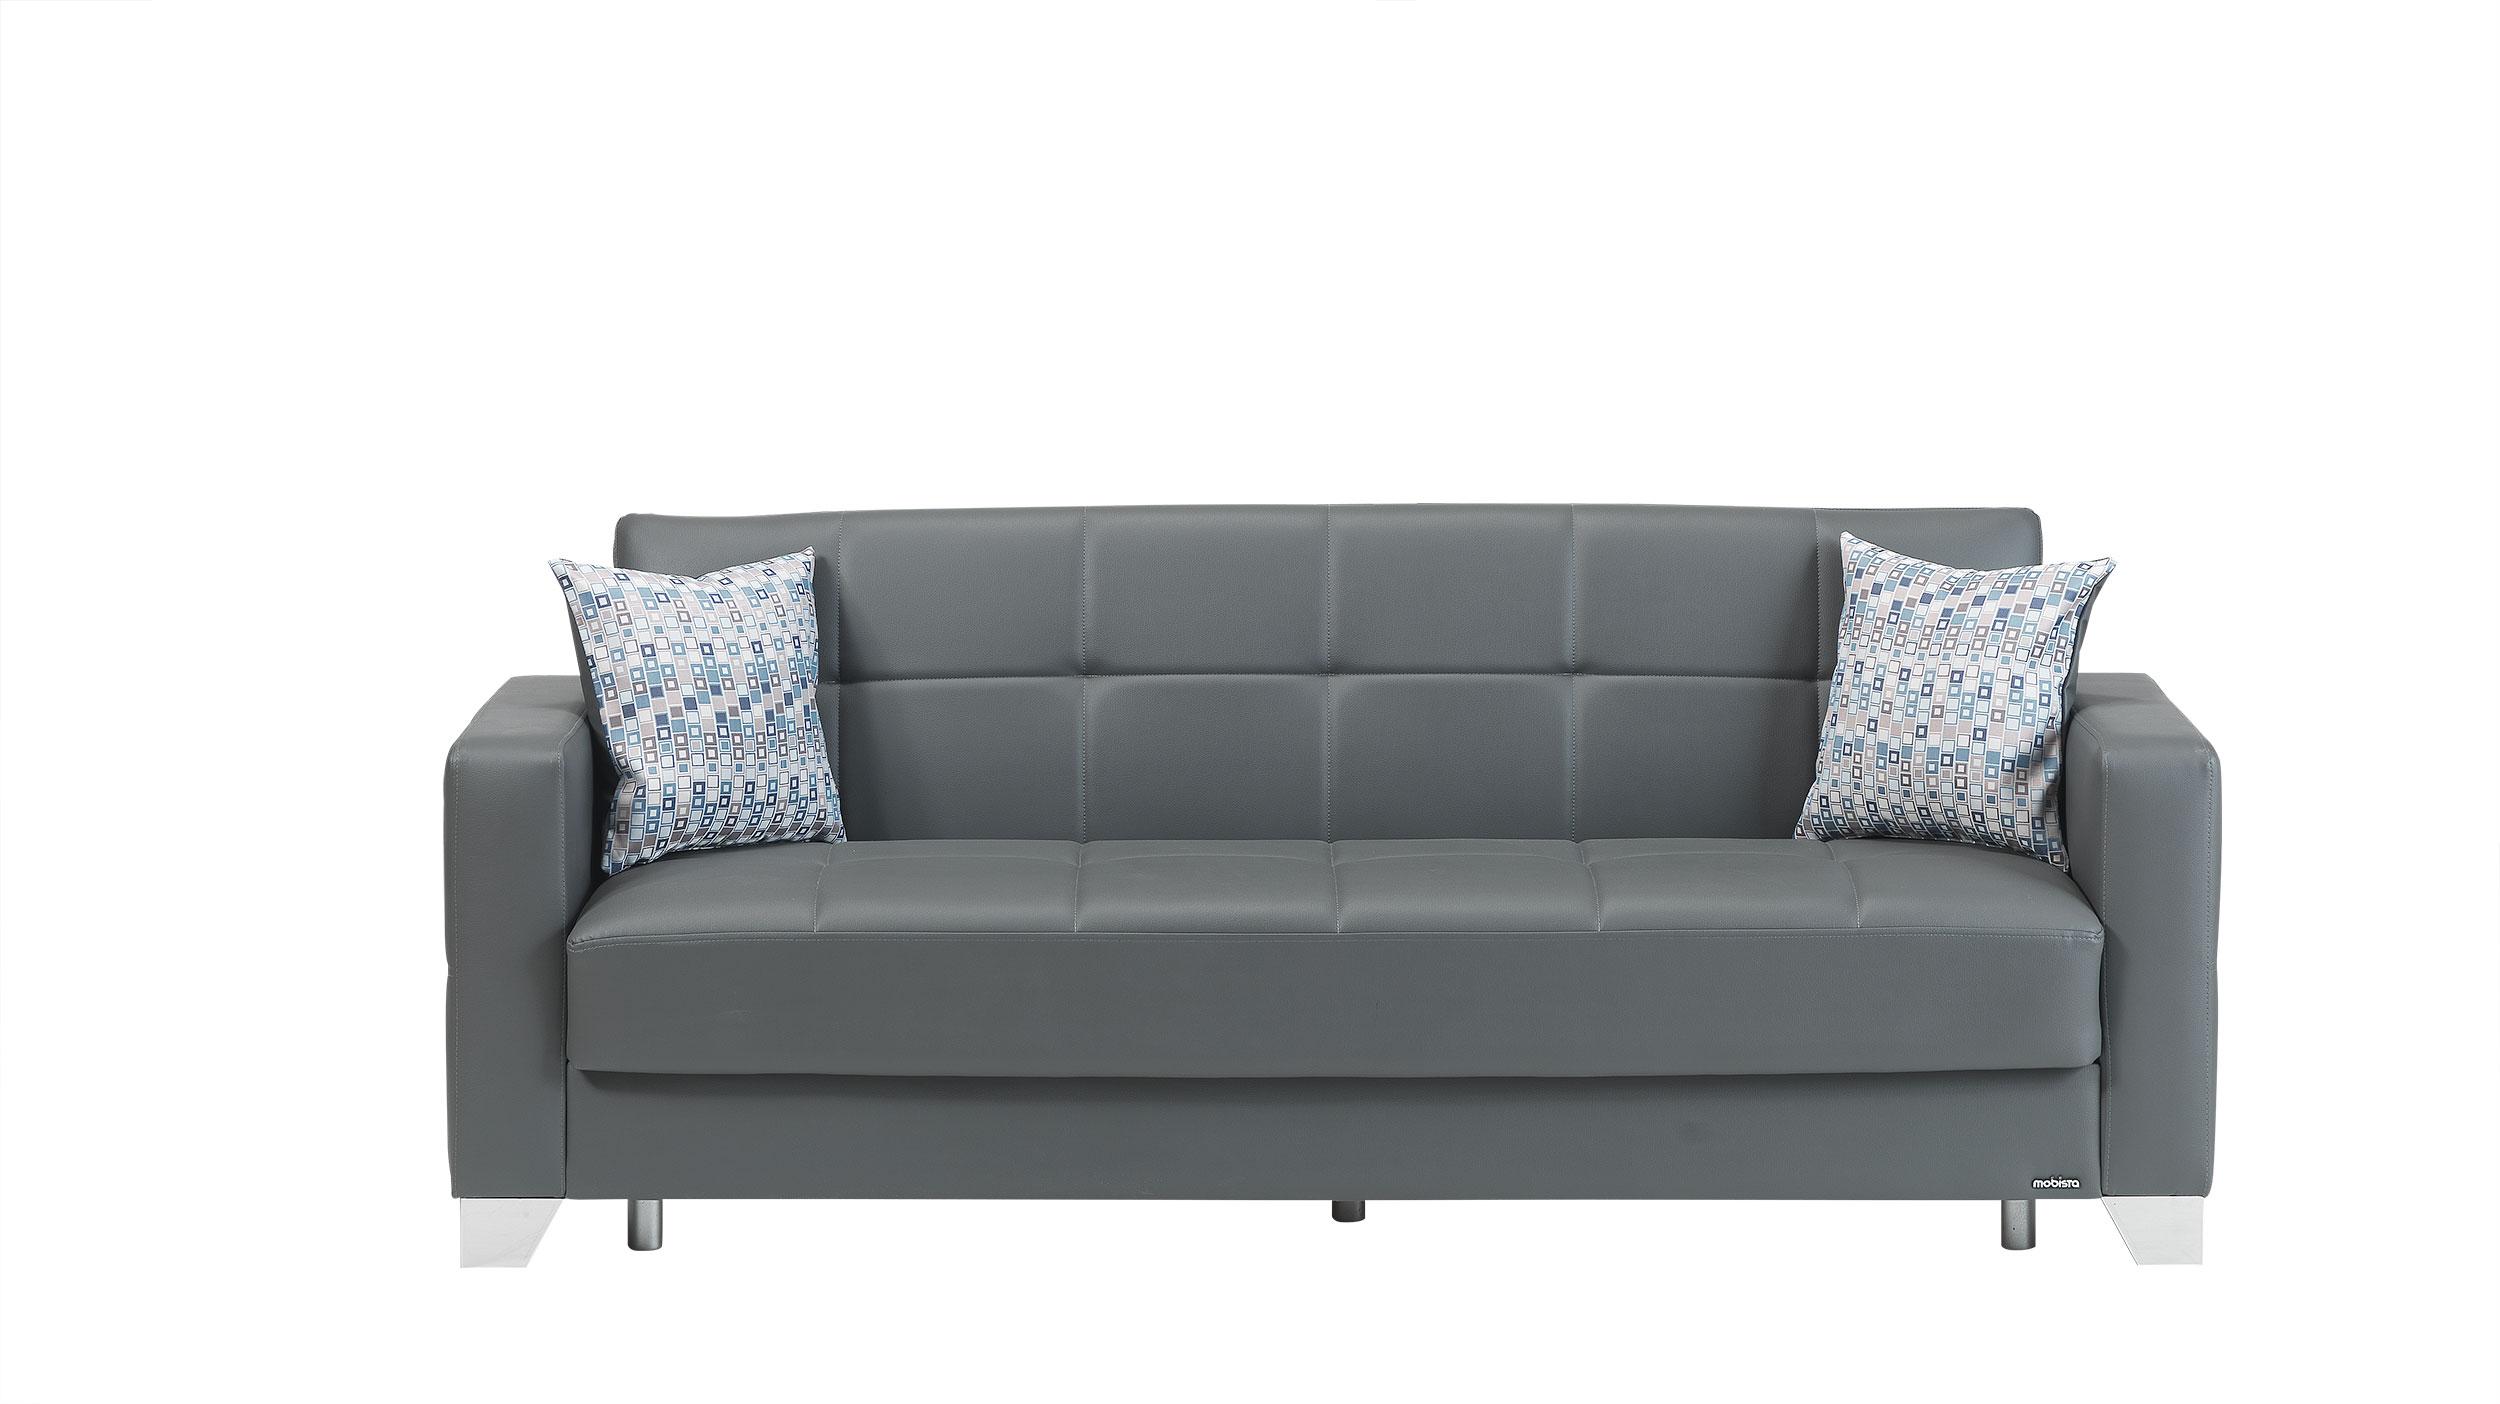 leatherette sofa durability laura ashley rochester viva italia prestige dark gray bed by mobista